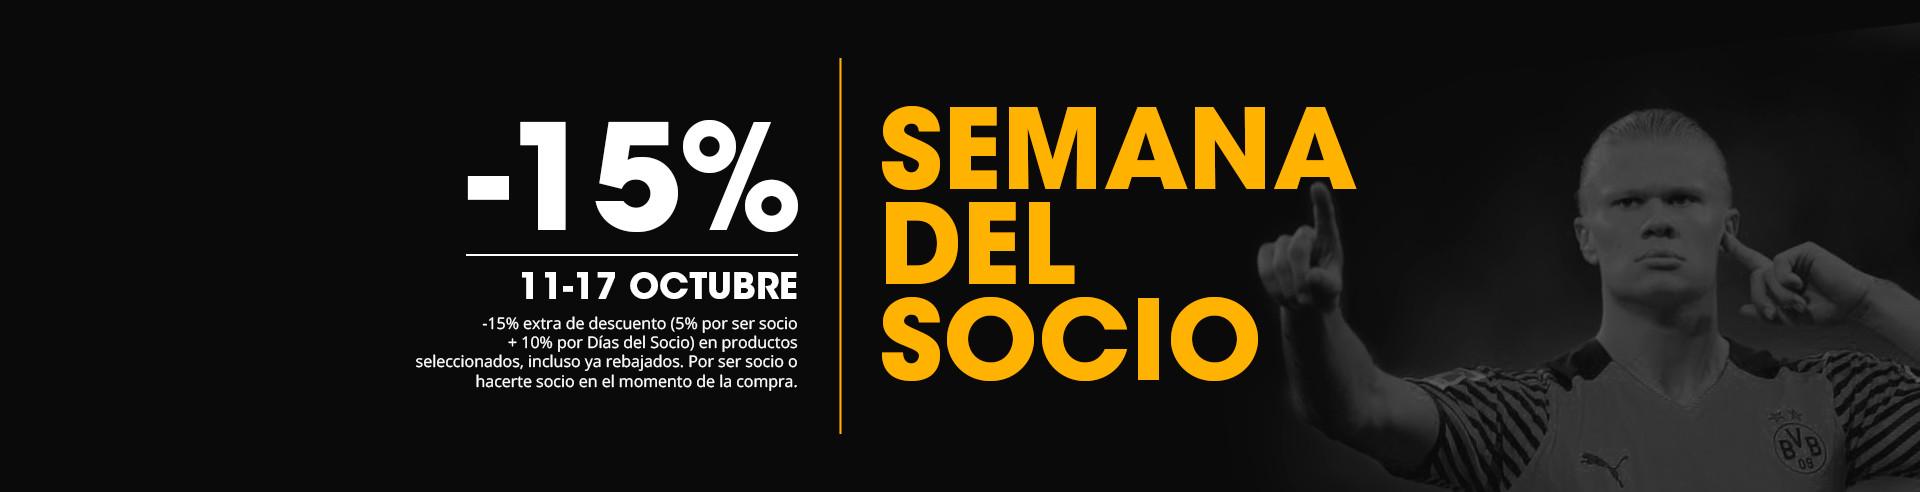 SEMANA DEL SOCIO OCTUBRE 2021 ES